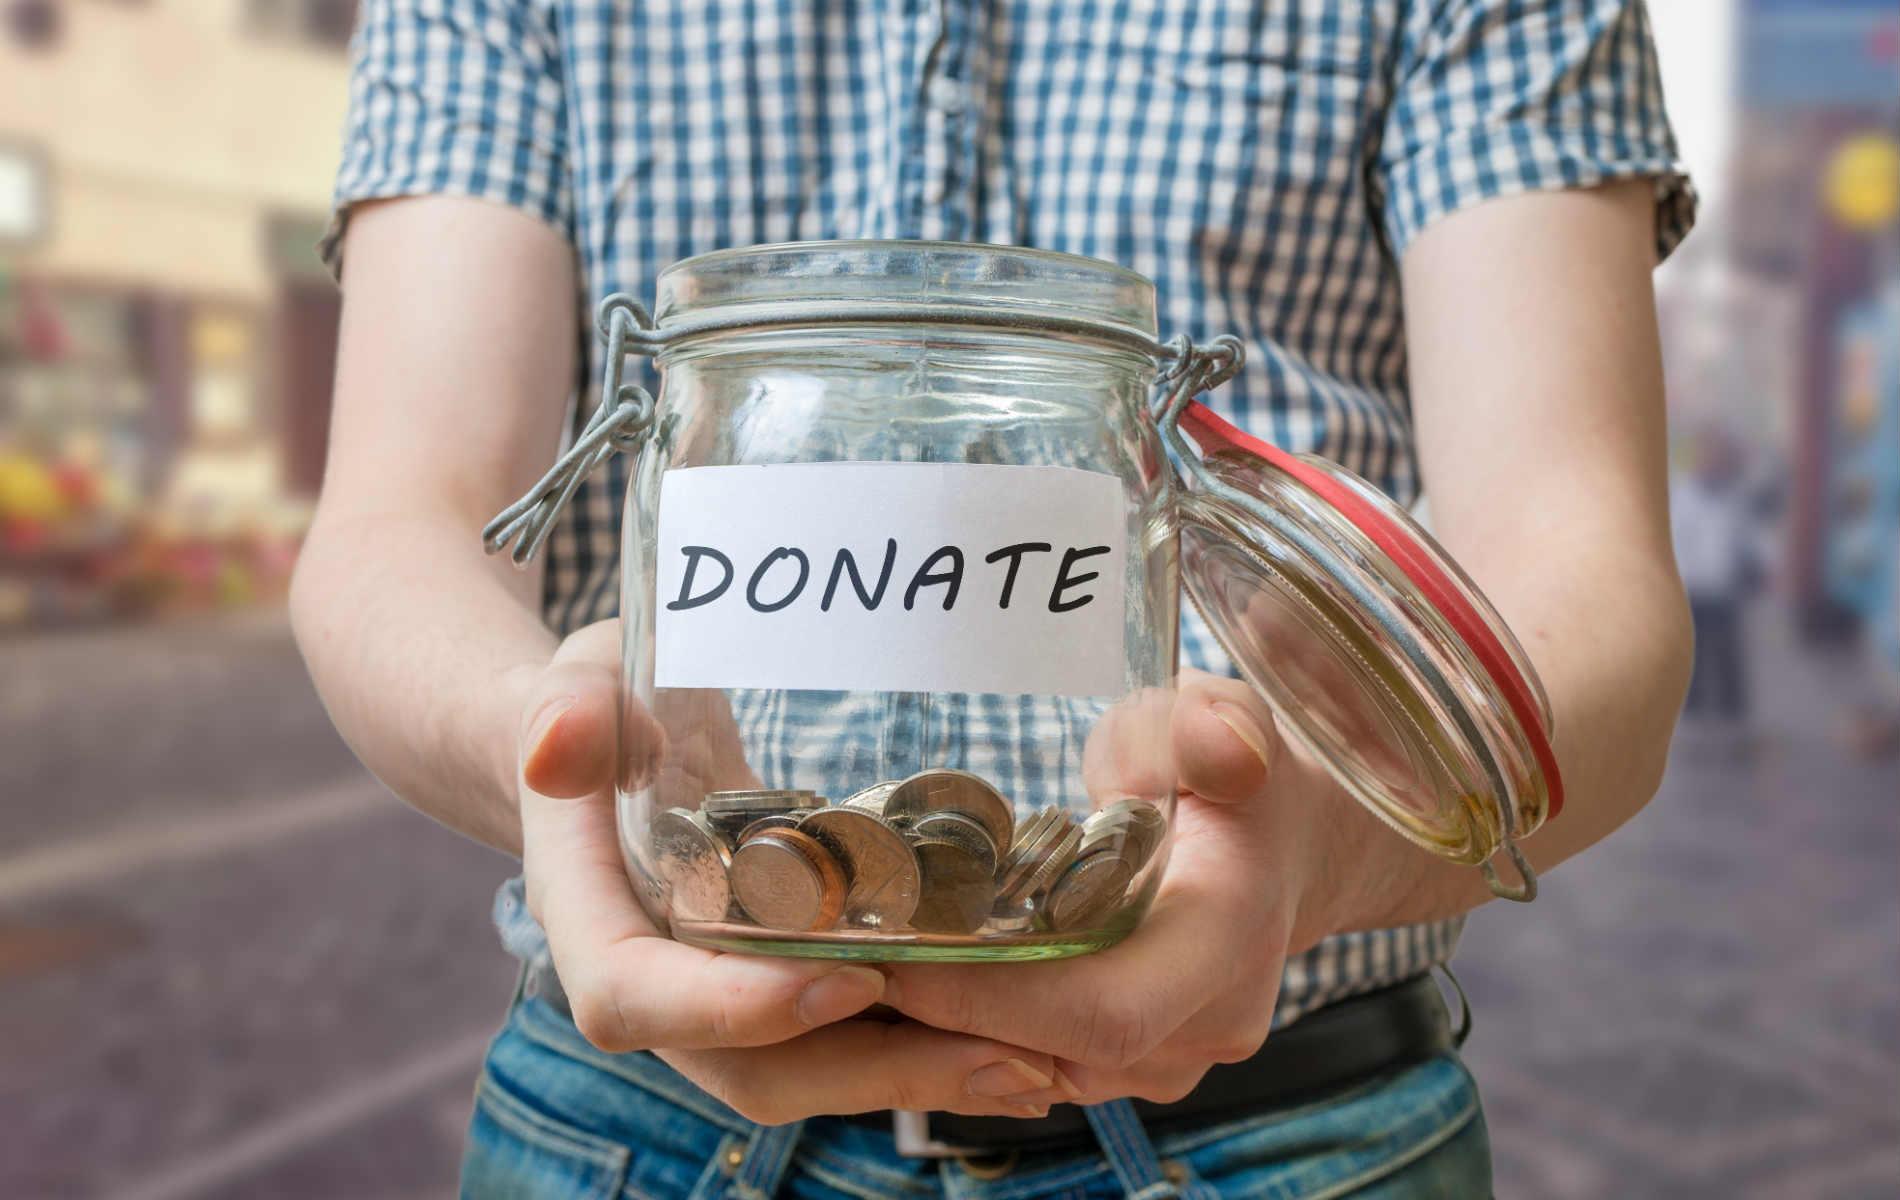 crowdfunding ahorro donacion donar finanzas economia recurso